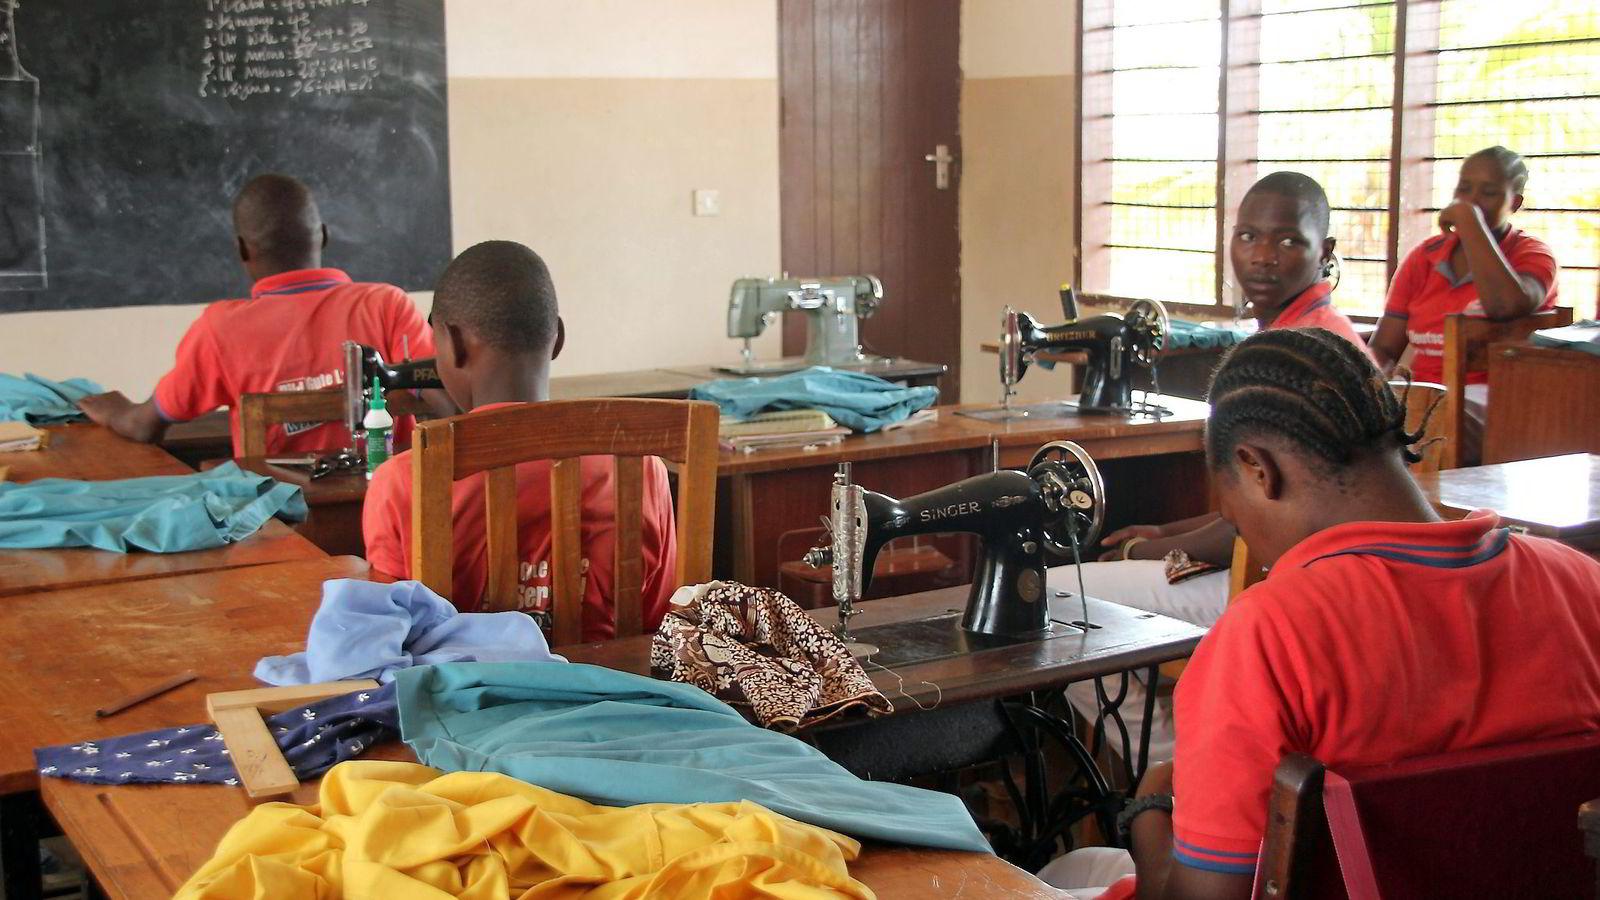 På Dogodogo-senteret i Banju i Tanzania får fattige ungdommer en toårig yrkesutdannelse som forbereder dem på arbeidslivet. Etter endt opplæring får elevene utstyr slik at de kan sette opp en egen business. Senteret støttes av Kirkens Nødhjelp.